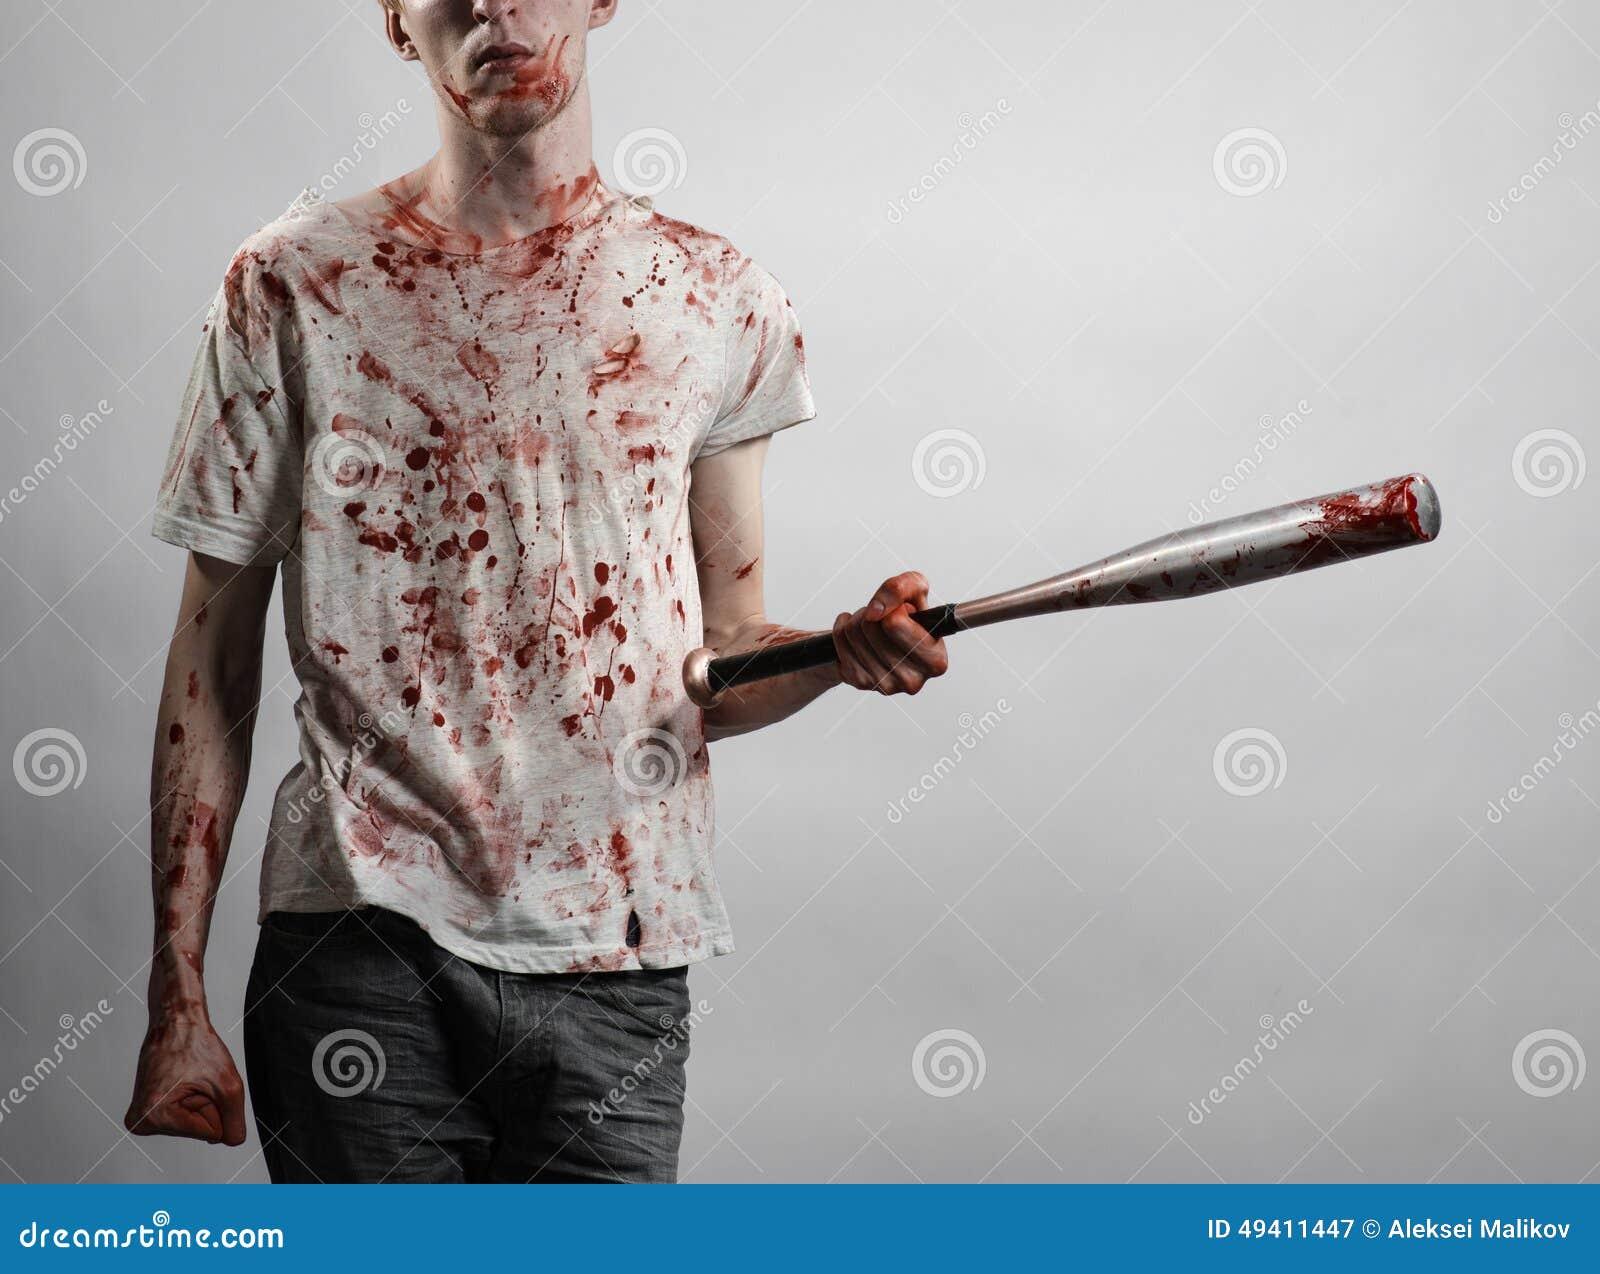 Download Blutiges Thema: Der Kerl In Einem Blutigen T-Shirt, Das Einen Blutigen Schläger Auf Einem Weißen Hintergrund Hält Stockbild - Bild von blut, baseball: 49411447